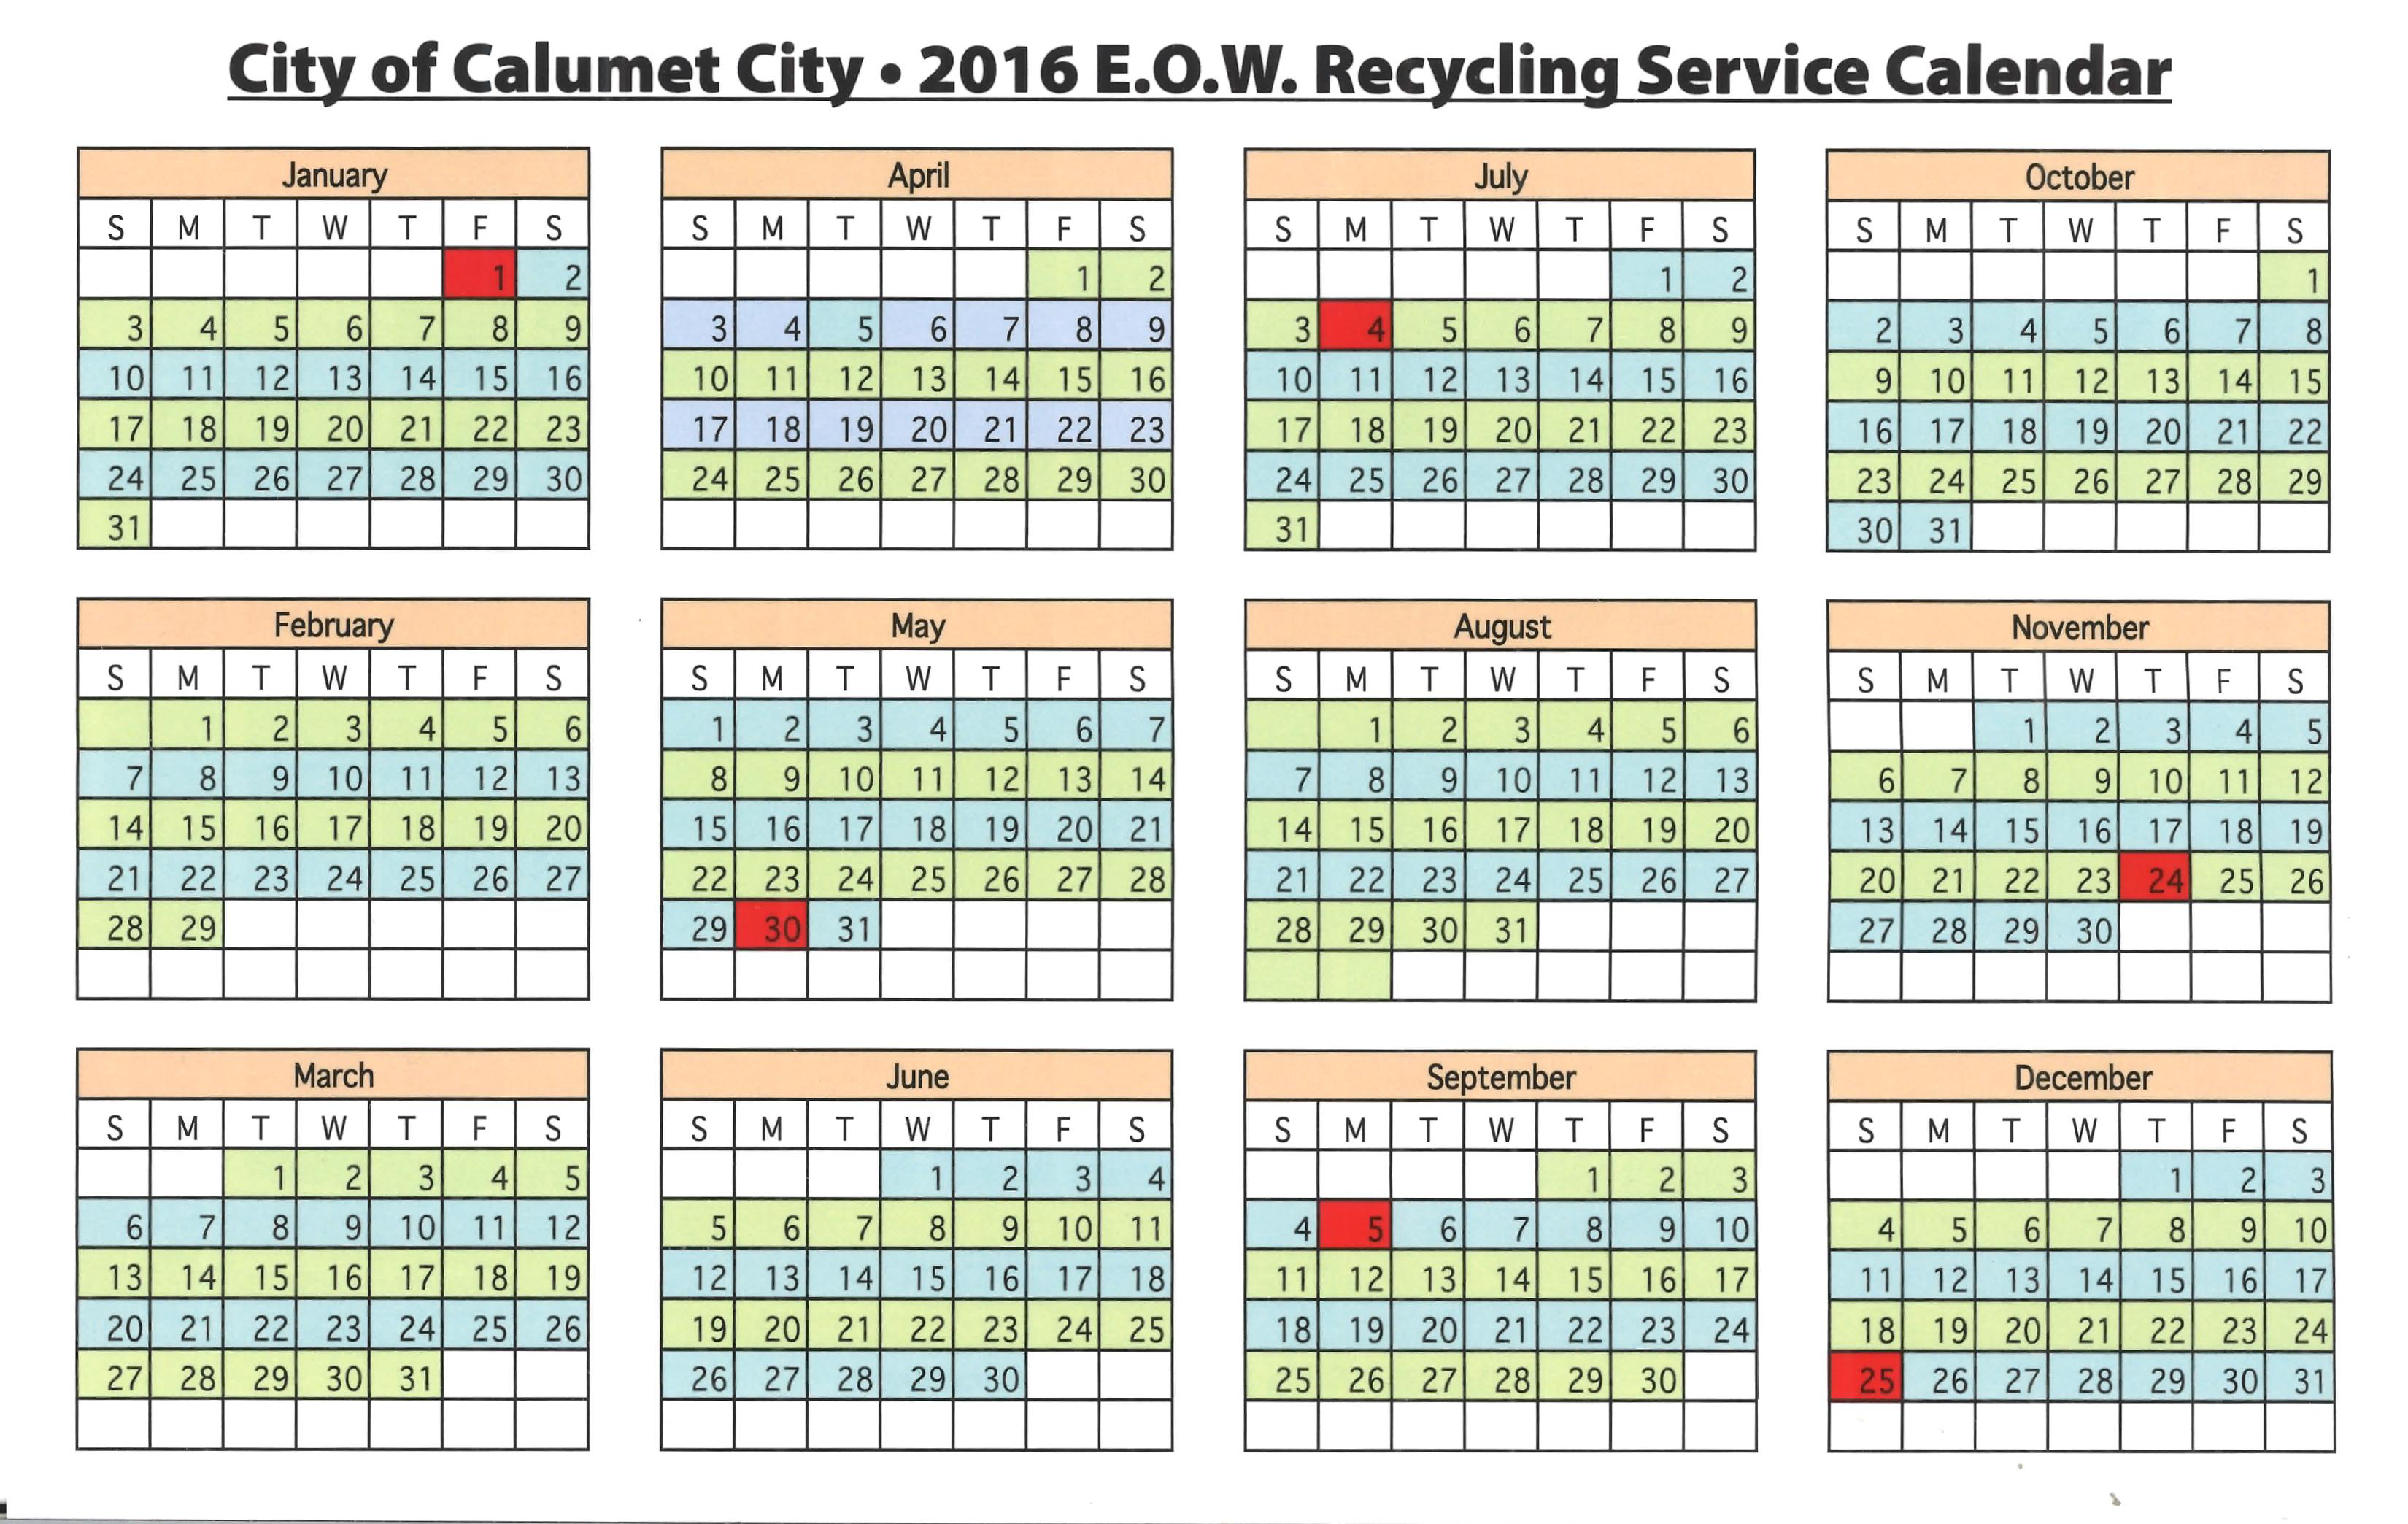 Recycling Servie Calendar